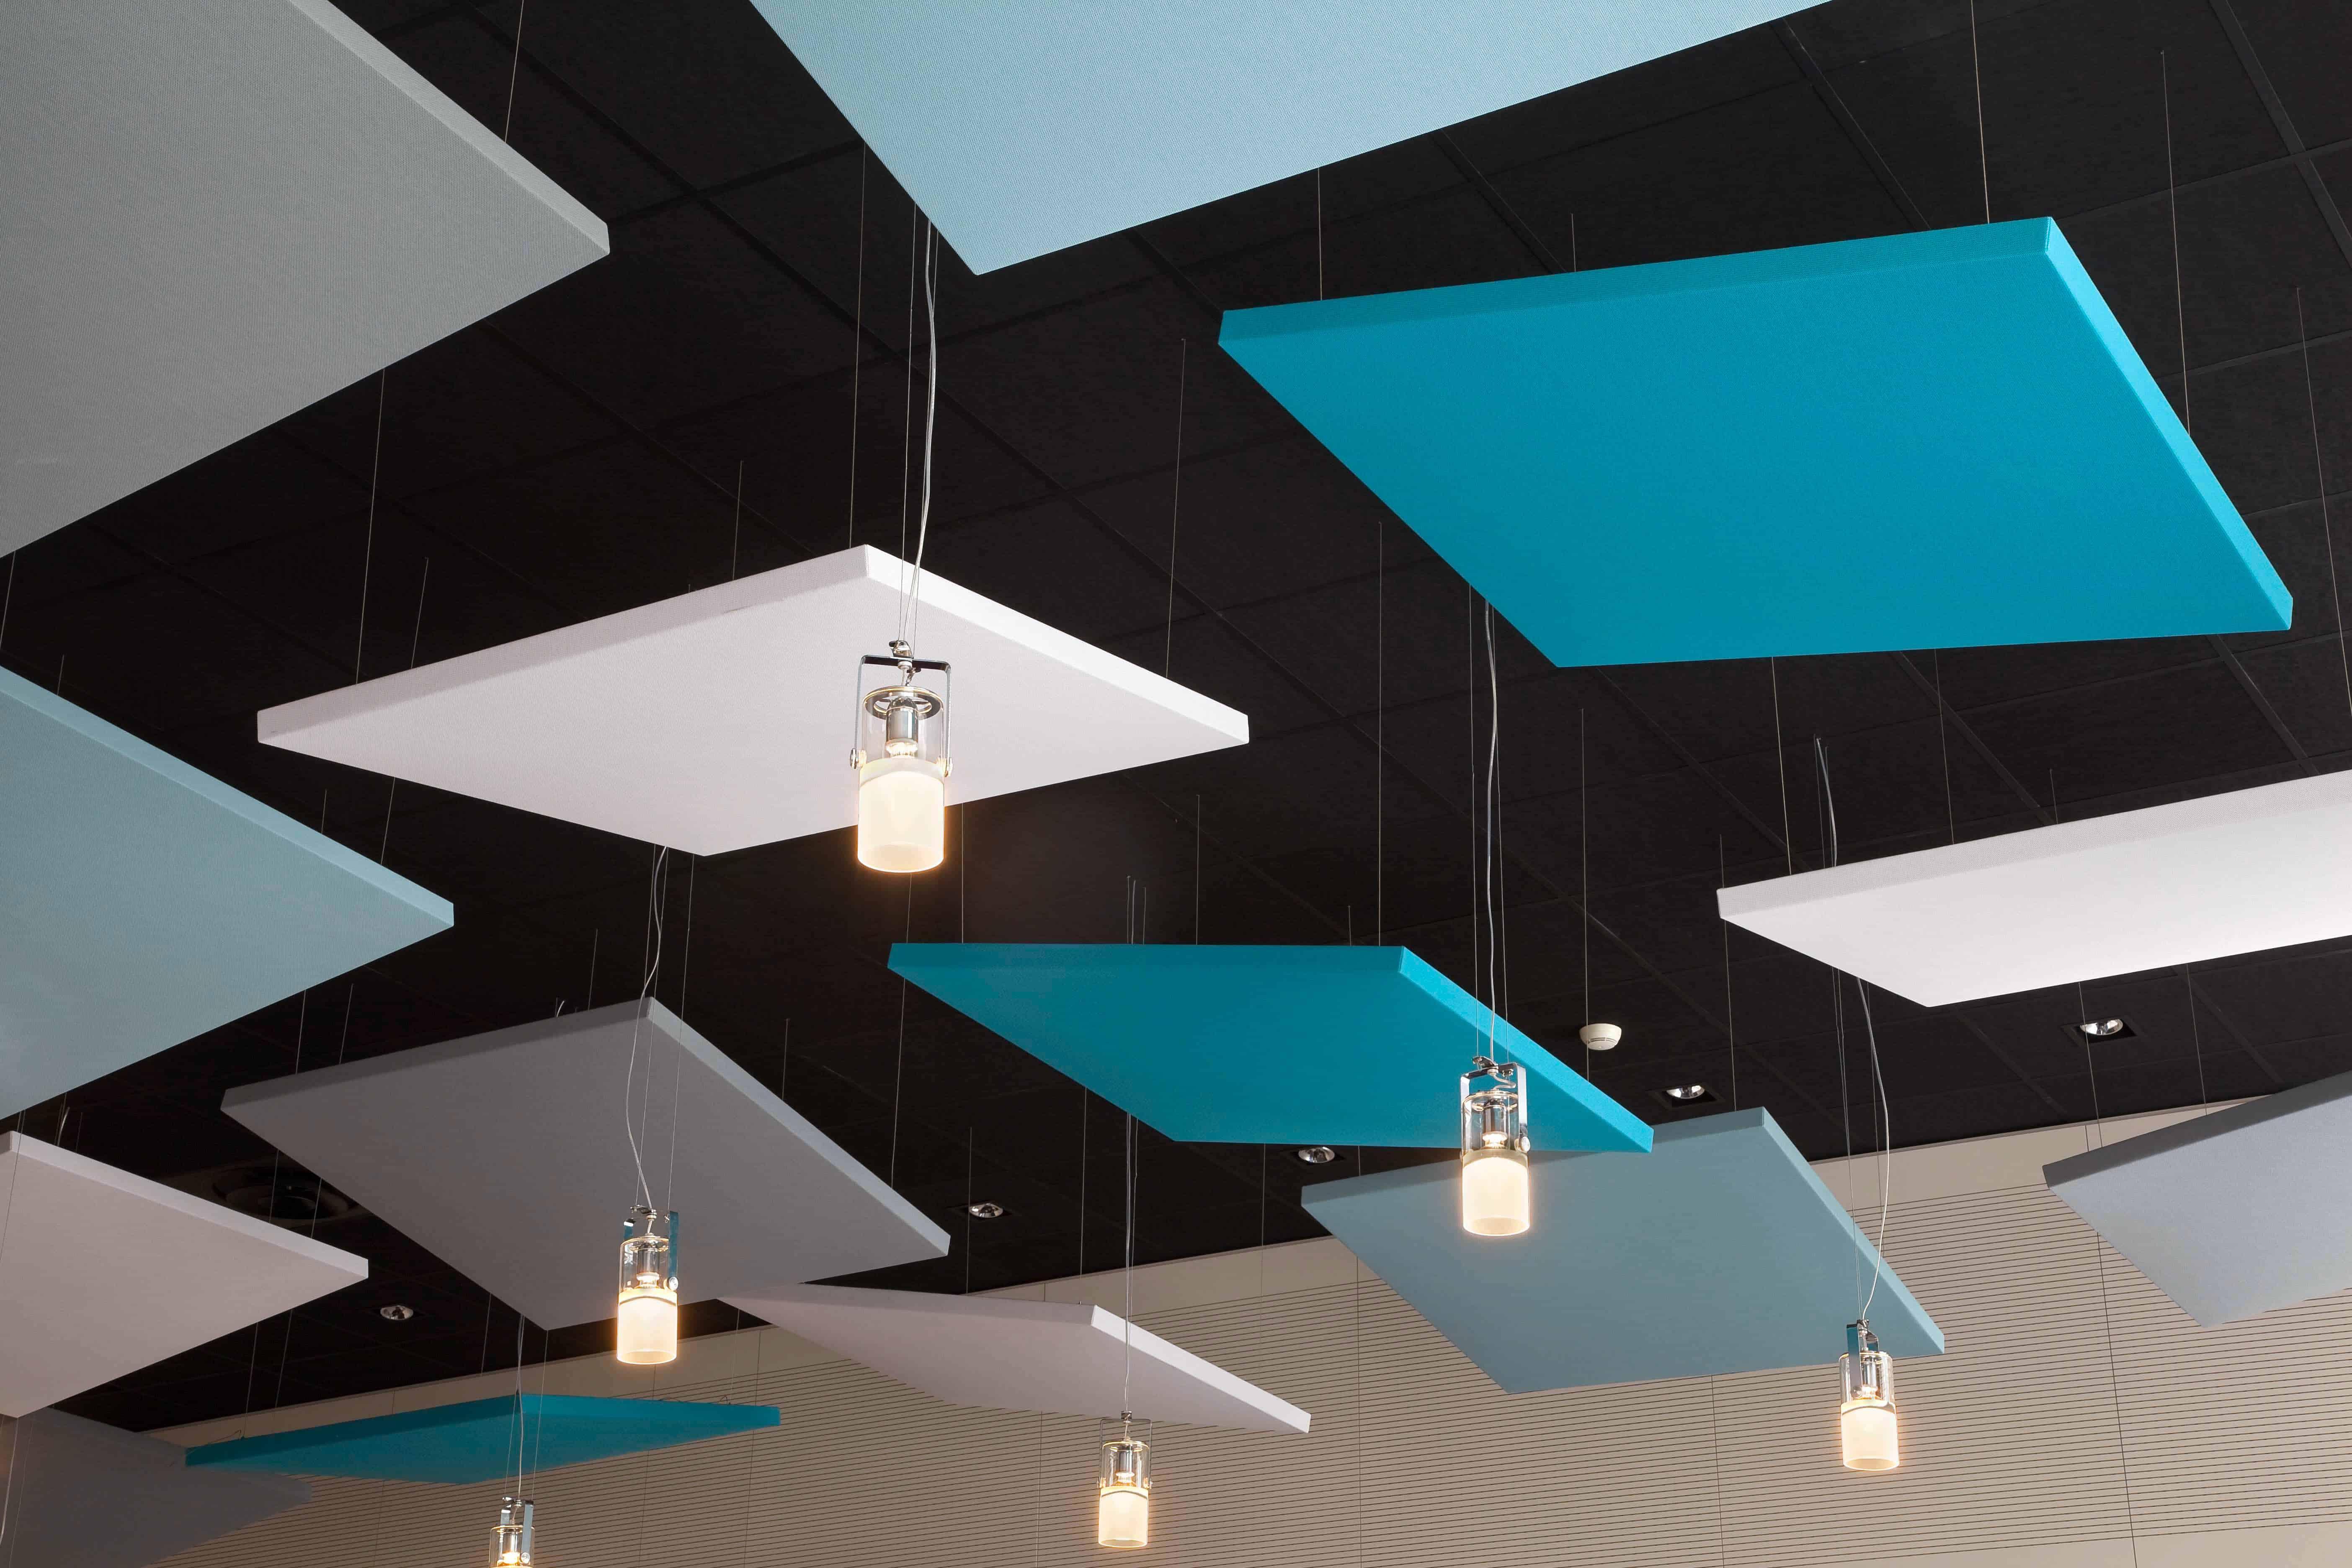 Salle de réunion d'une société Paris Architectes Marie-France Baldran © Hervé Abbadie